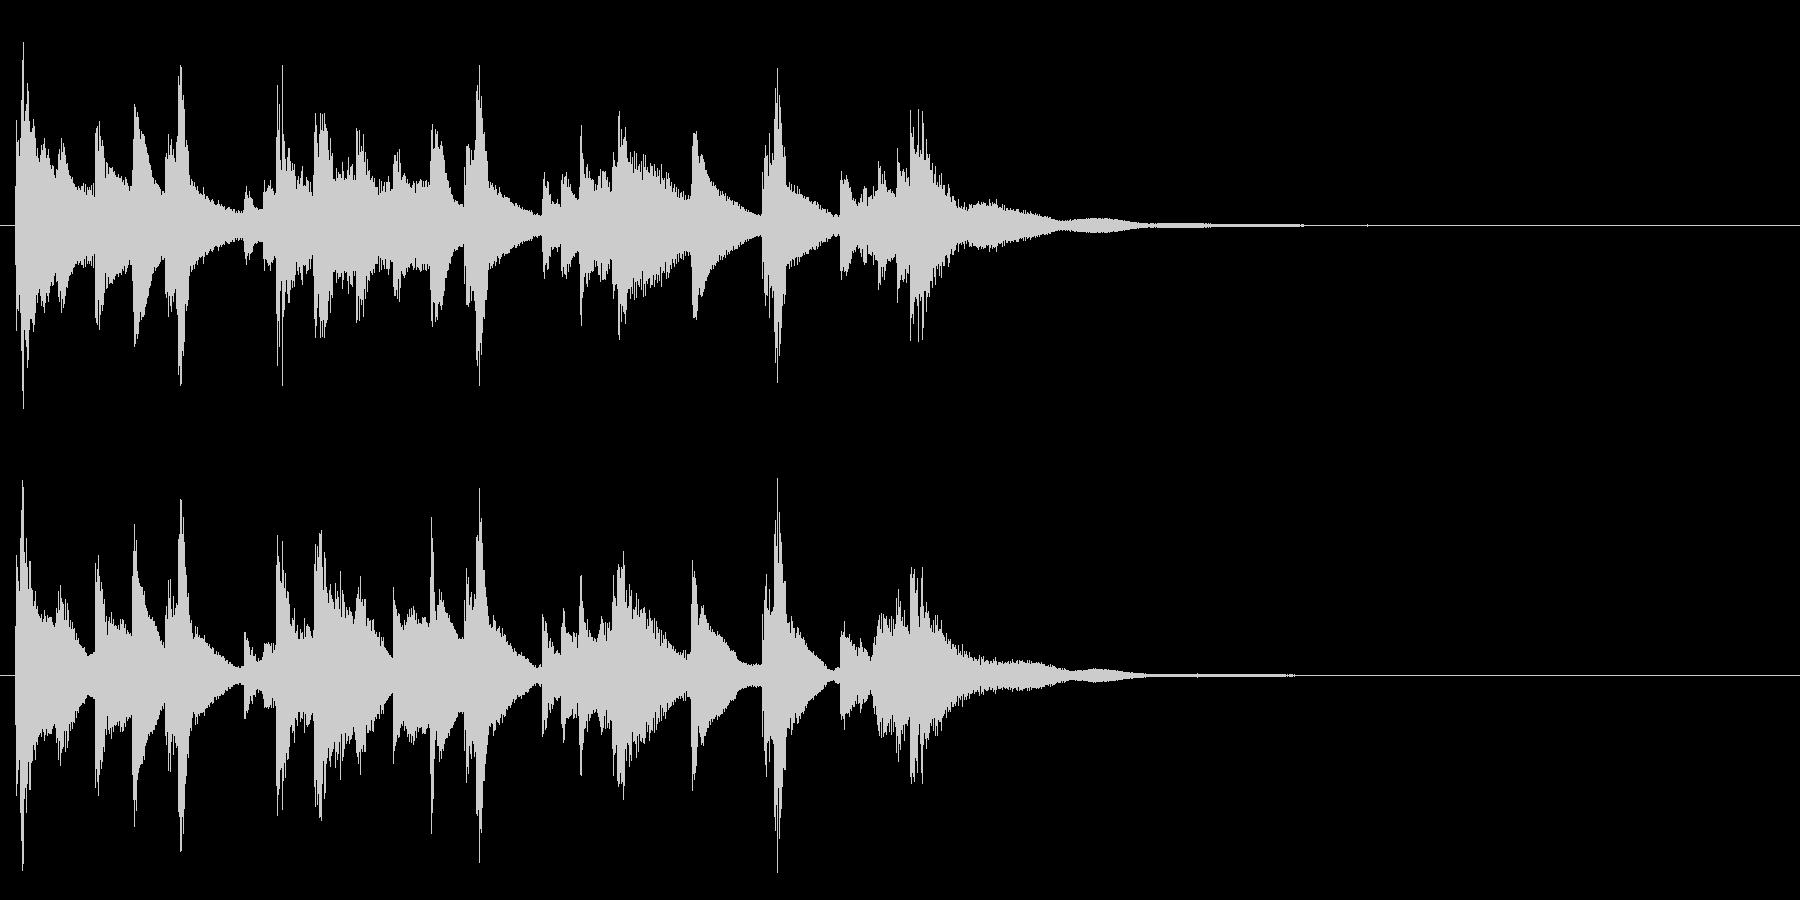 和風☆アイキャッチ4の未再生の波形